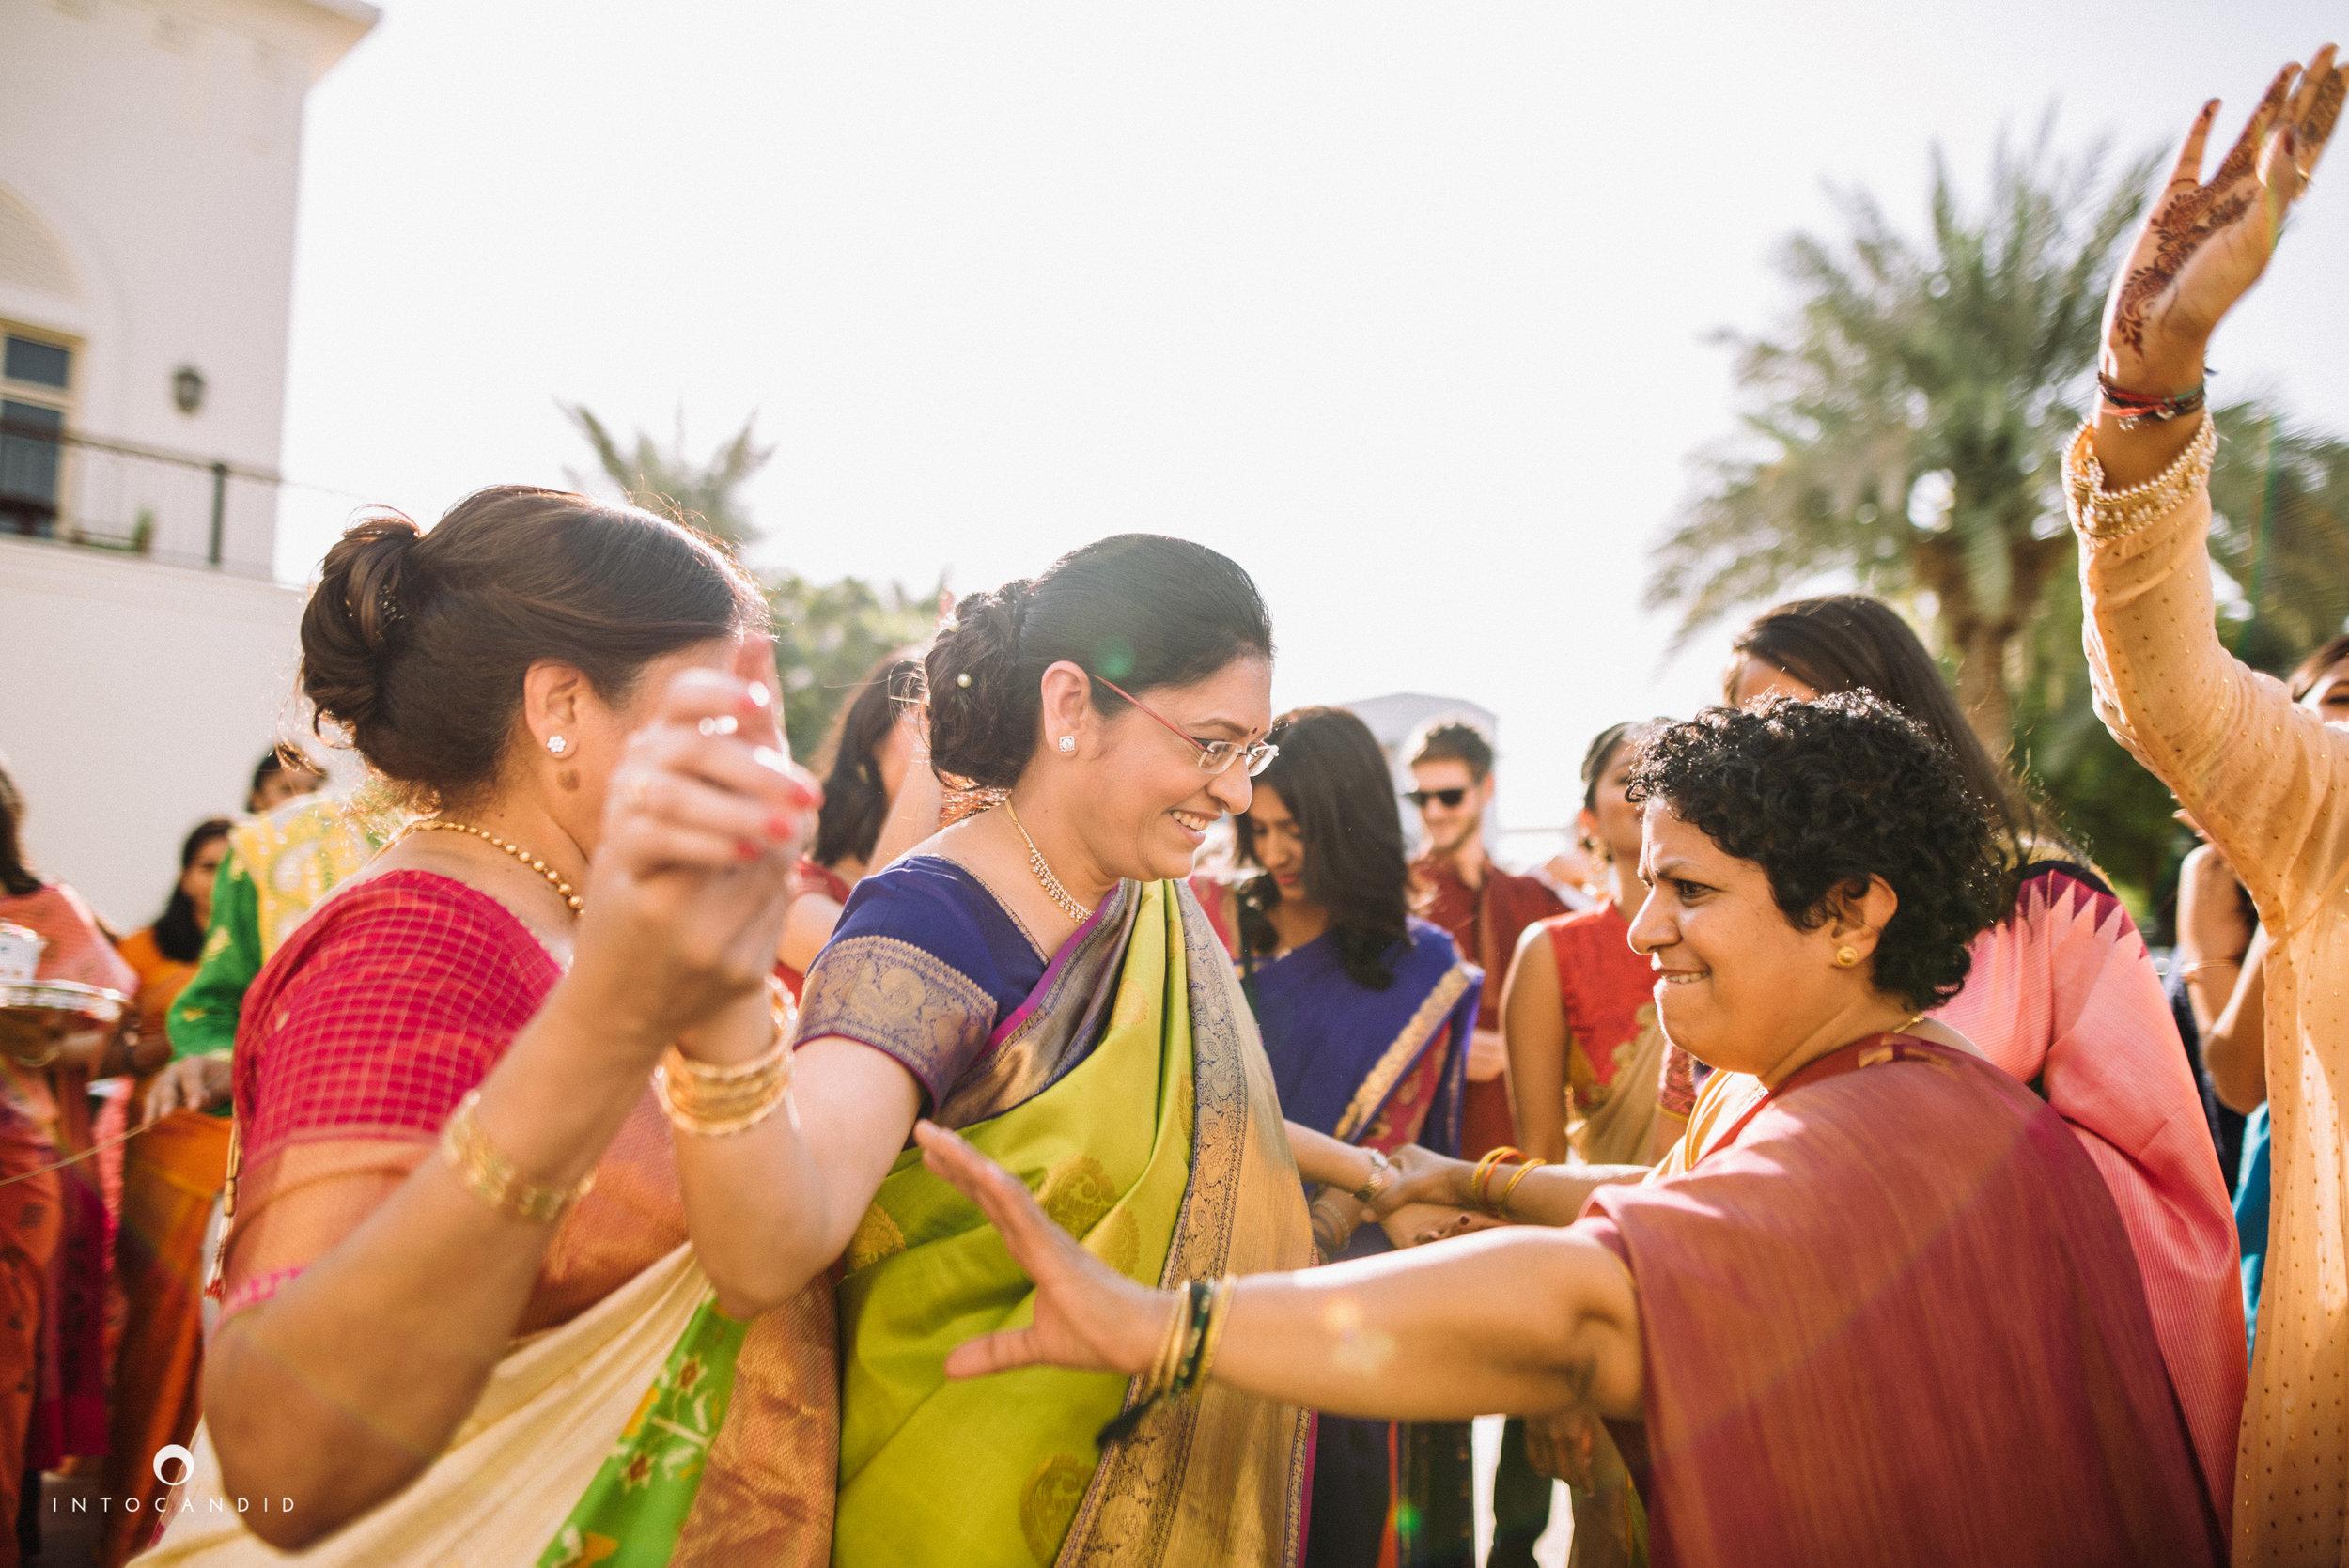 Dubai_Wedding_Photographer_15.JPG